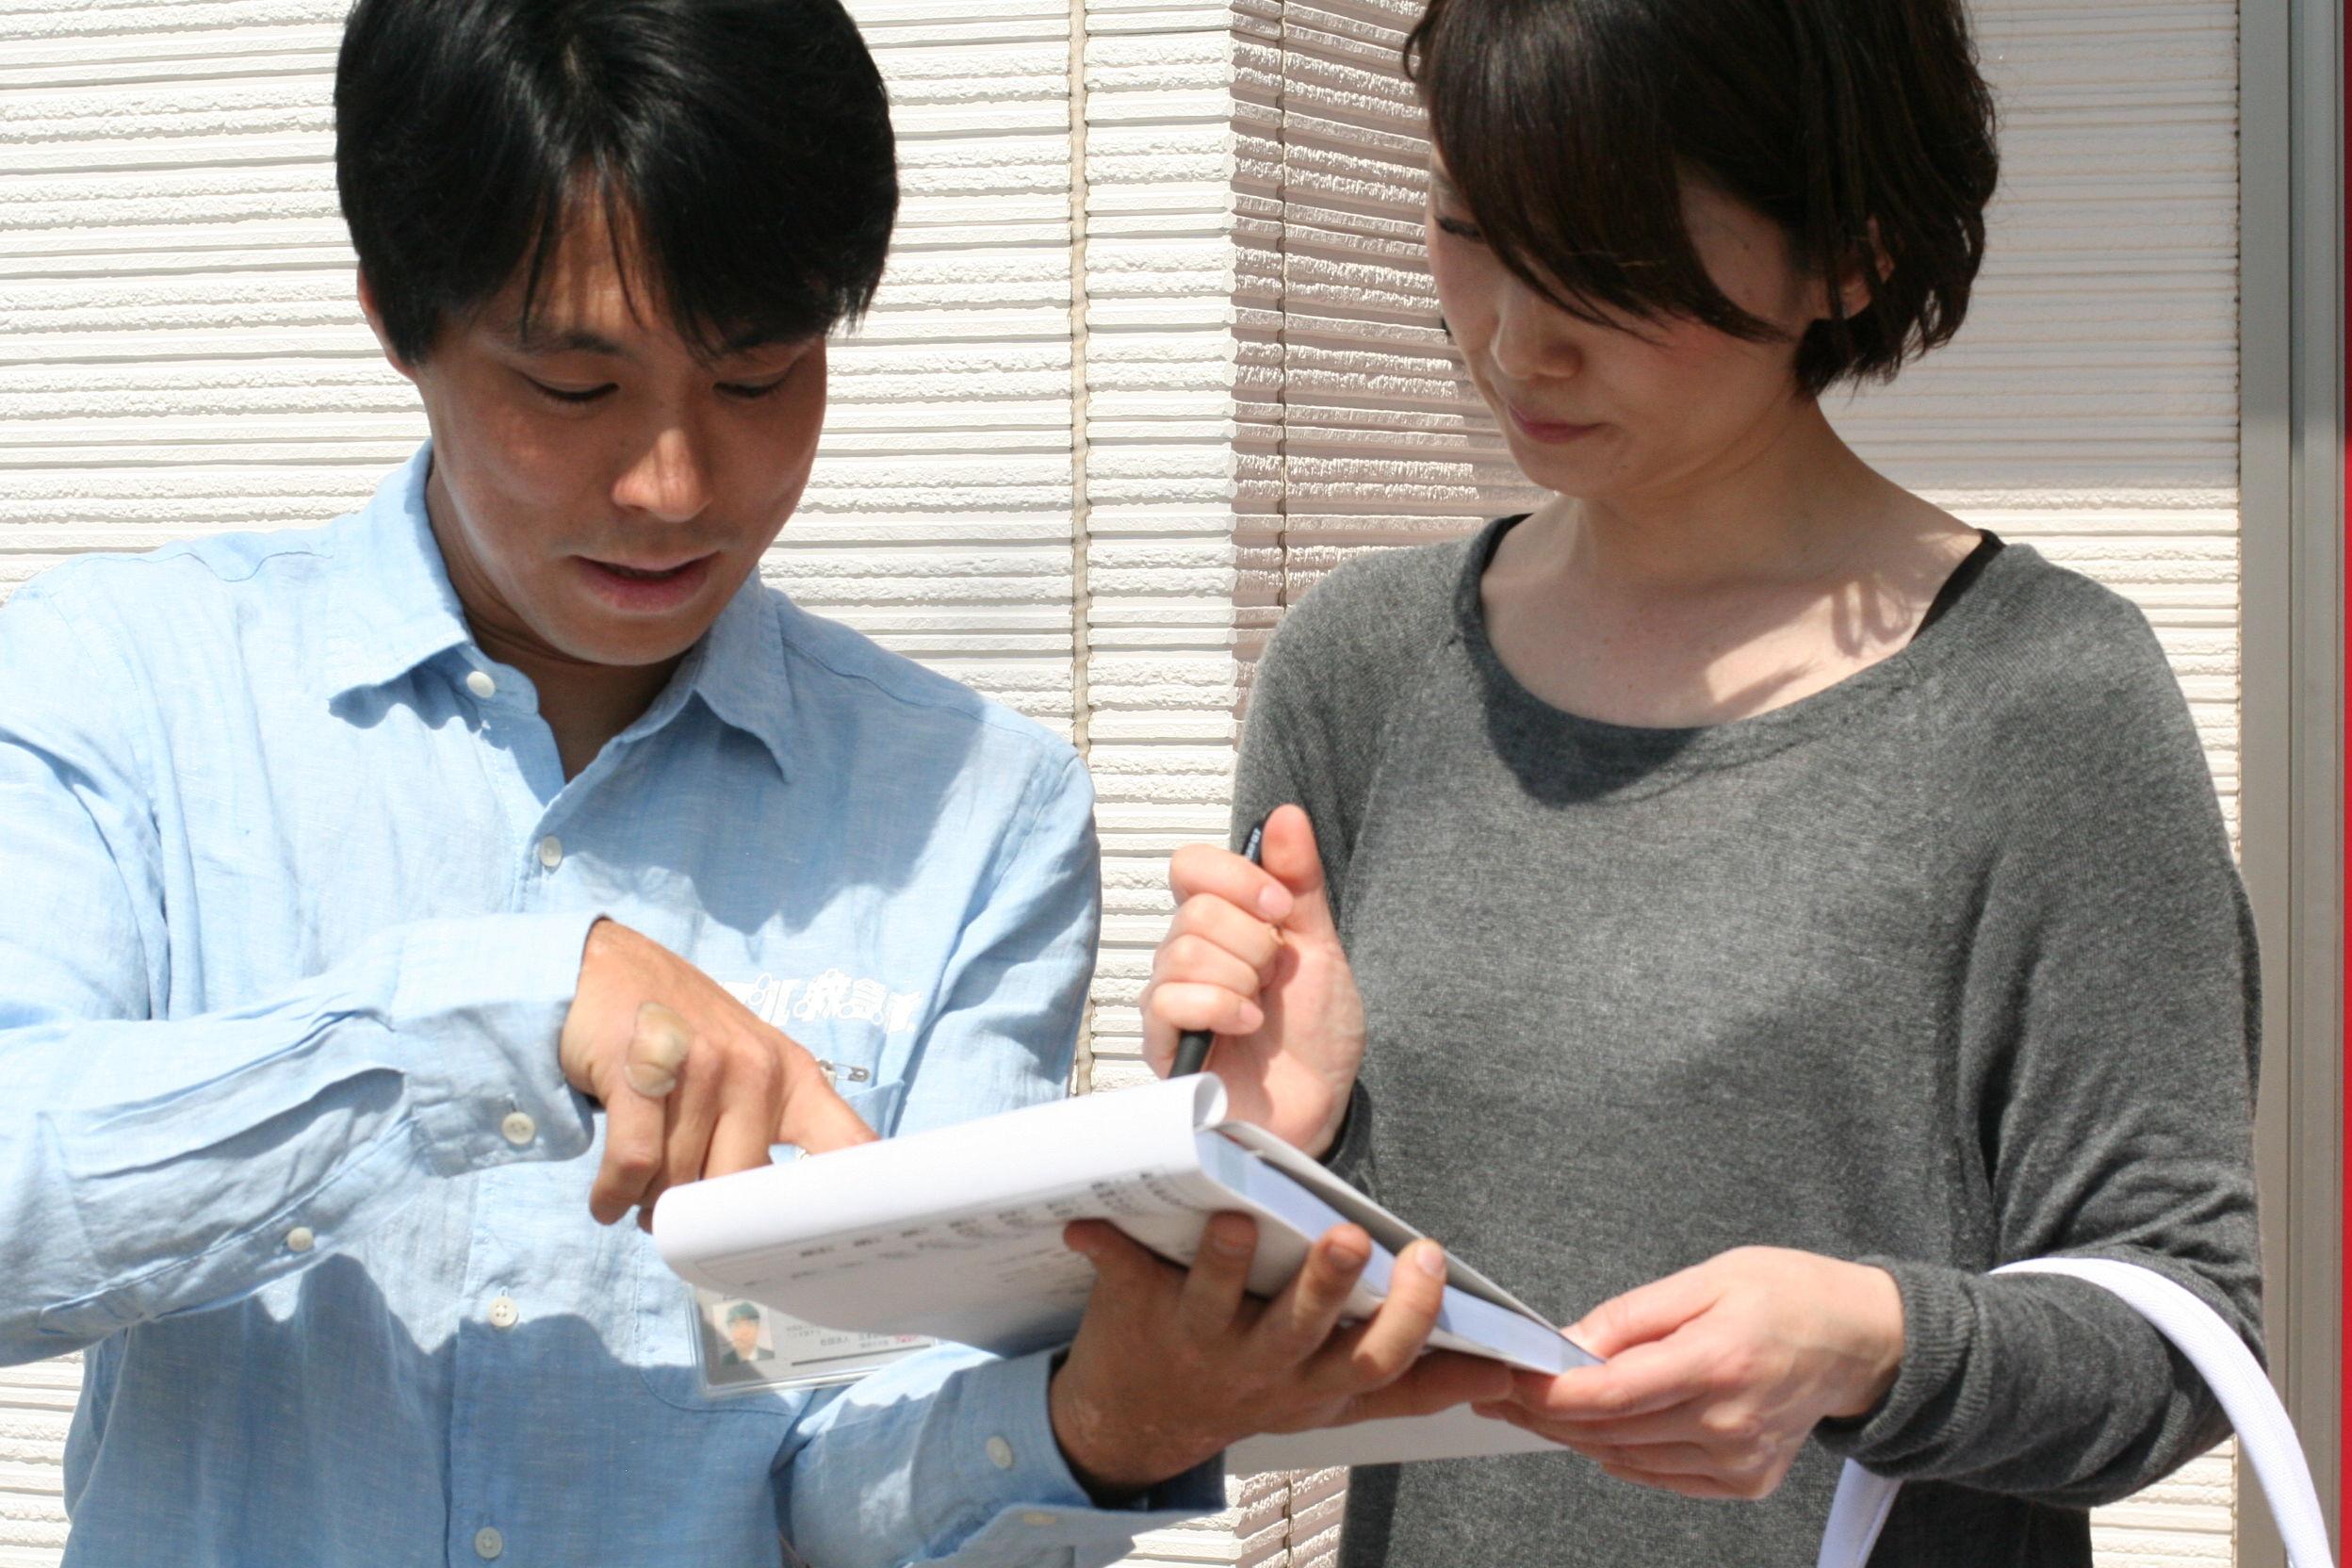 鍵のトラブル救急車【田原市 出張エリア】のメイン画像